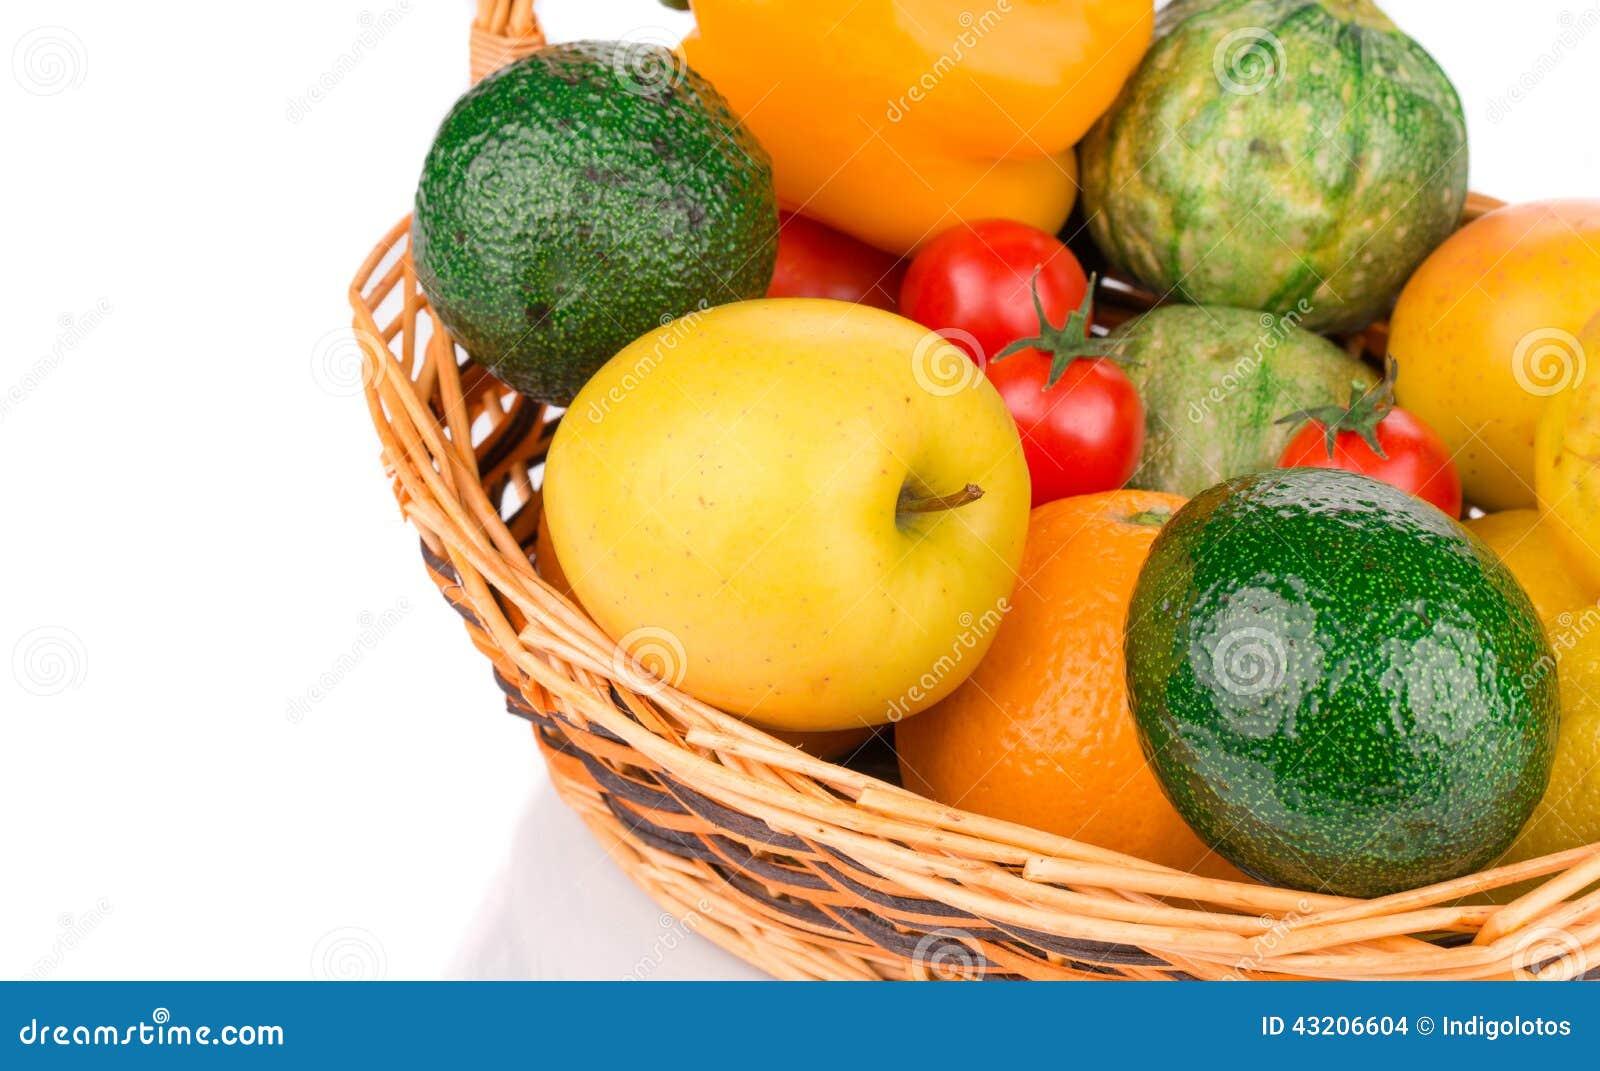 Download Red För Persikor För Apelsiner För Kiwien För Druvor För Frukter För Bowen För äpplebascketkorgen Band Gnäggandet Close Upp Arkivfoto - Bild av cirkel, vegetarian: 43206604